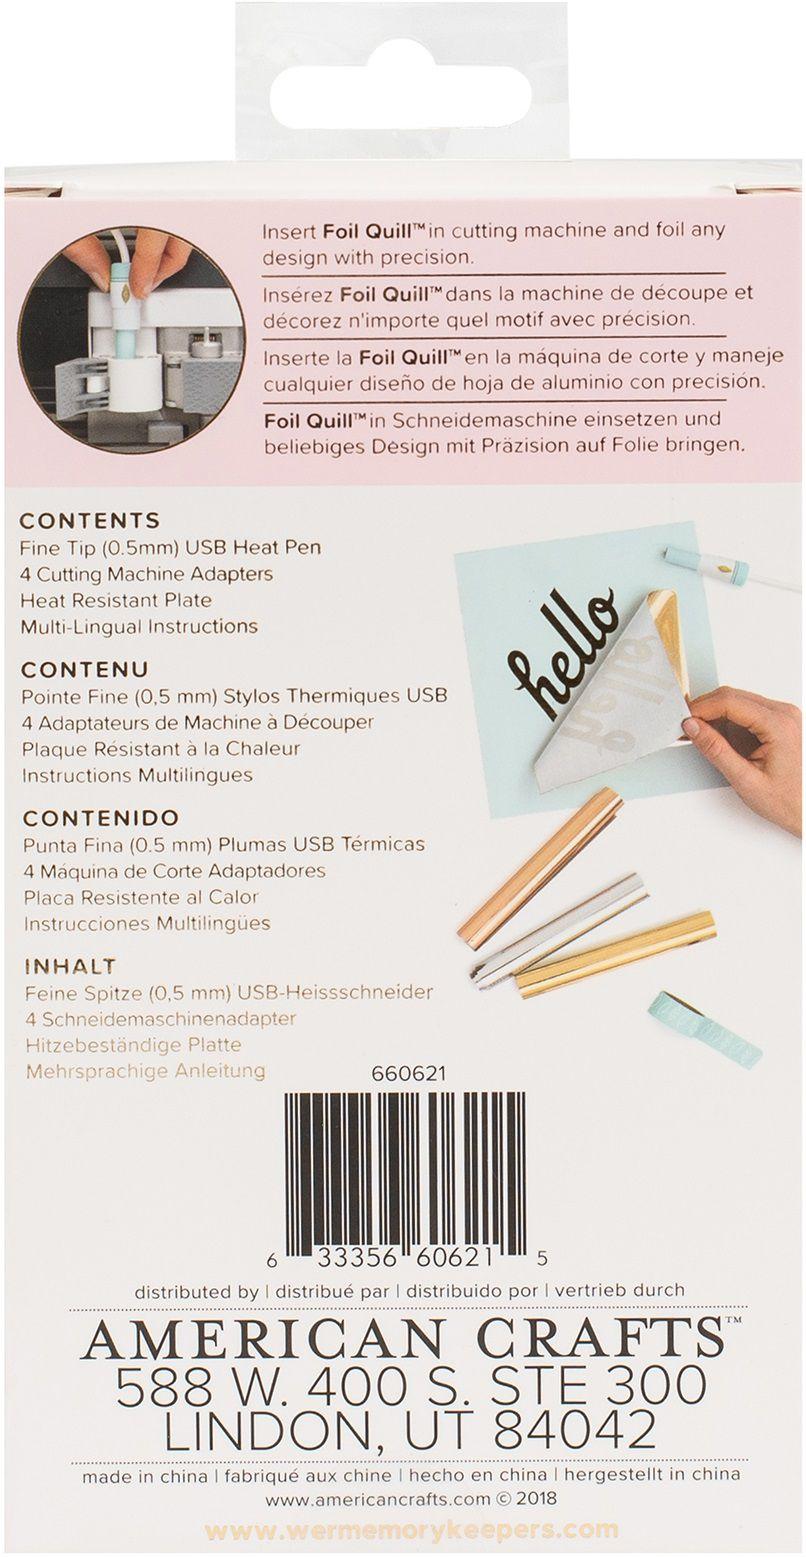 Caneta Transmissora de Foil Ponta Fina 0,5 mm - Foil Quill Fine Tip Pen WeR  - Minas Midias